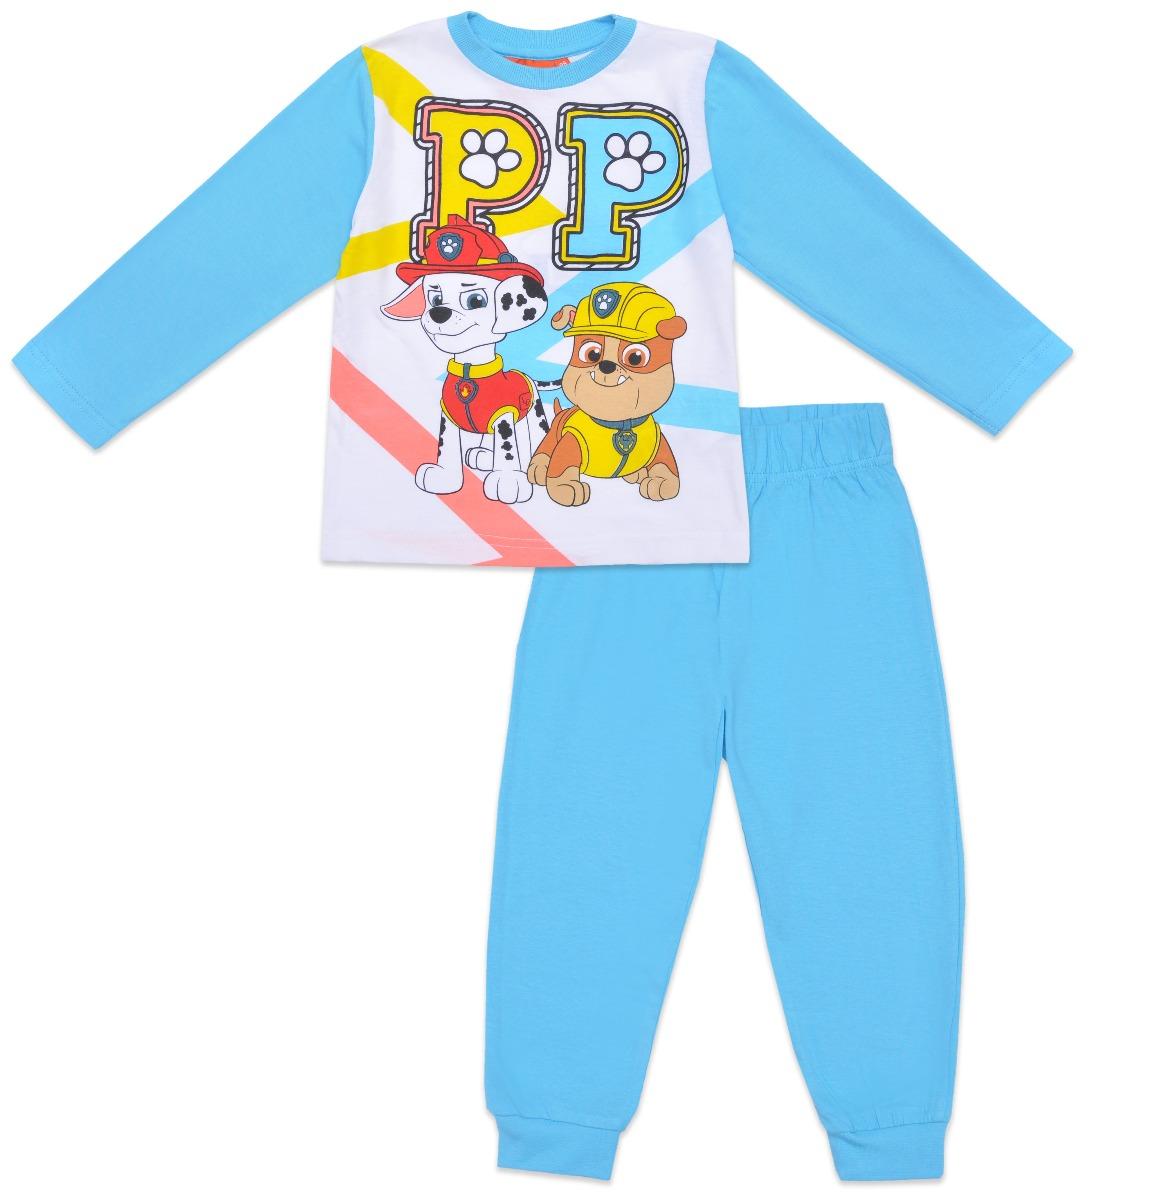 Pijama de baieti cu imprimeu Paw Patrol, Turcoaz